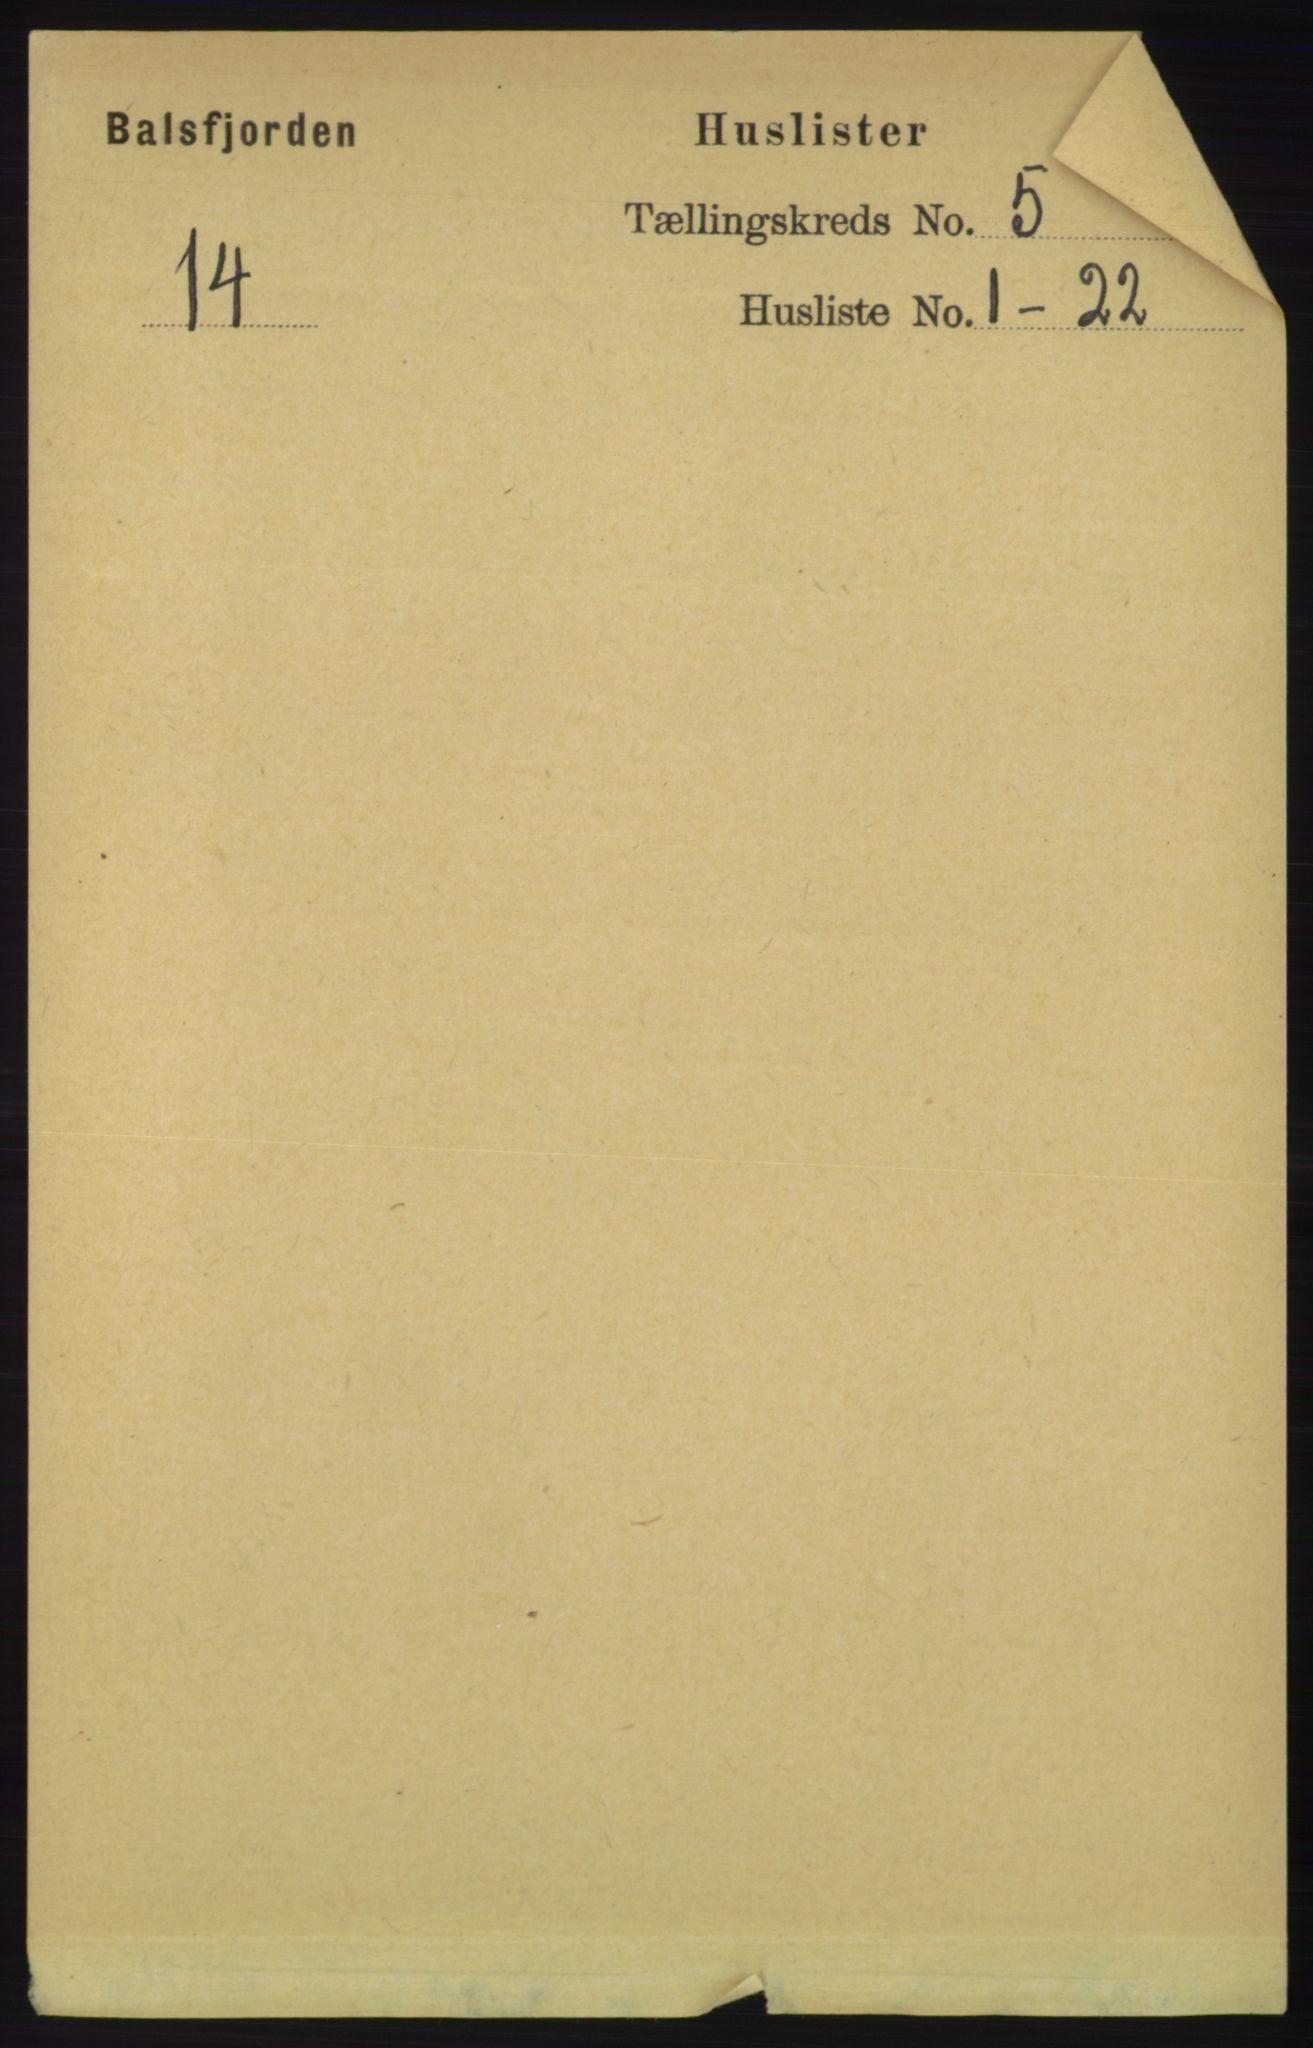 RA, Folketelling 1891 for 1933 Balsfjord herred, 1891, s. 1405